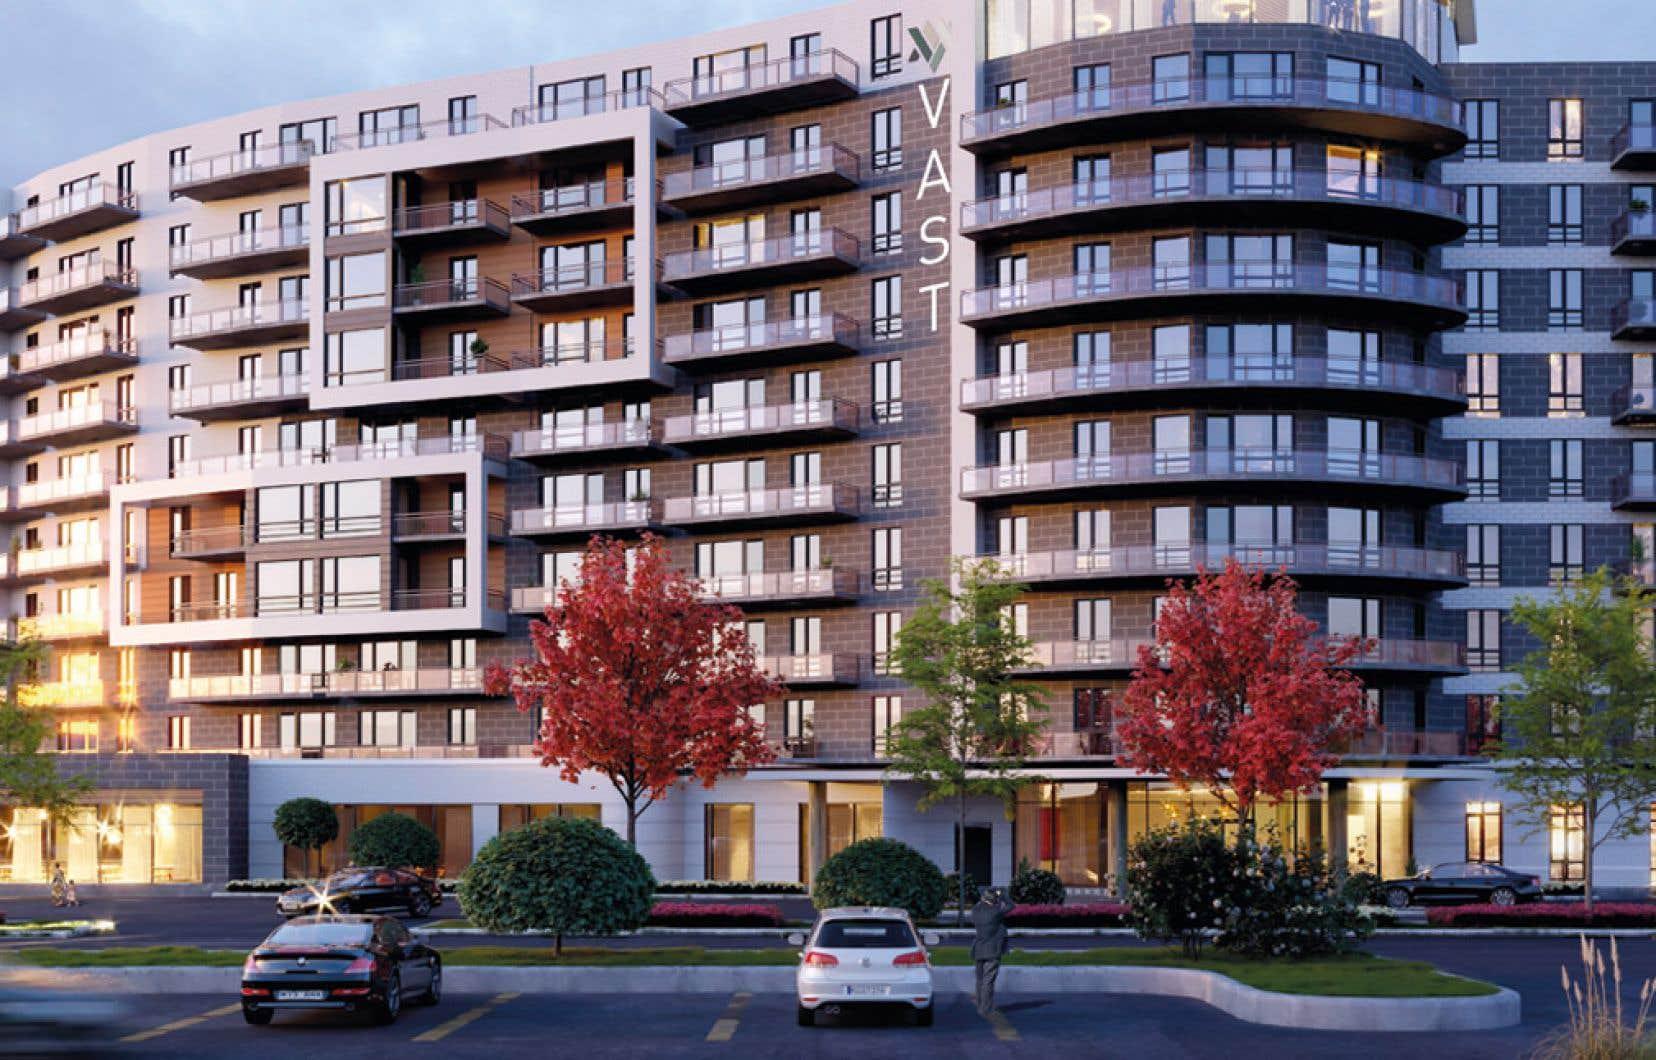 L'entreprise québécoise emploie quelque 2000 personnes et ses propriétés abritent 10000 résidants.